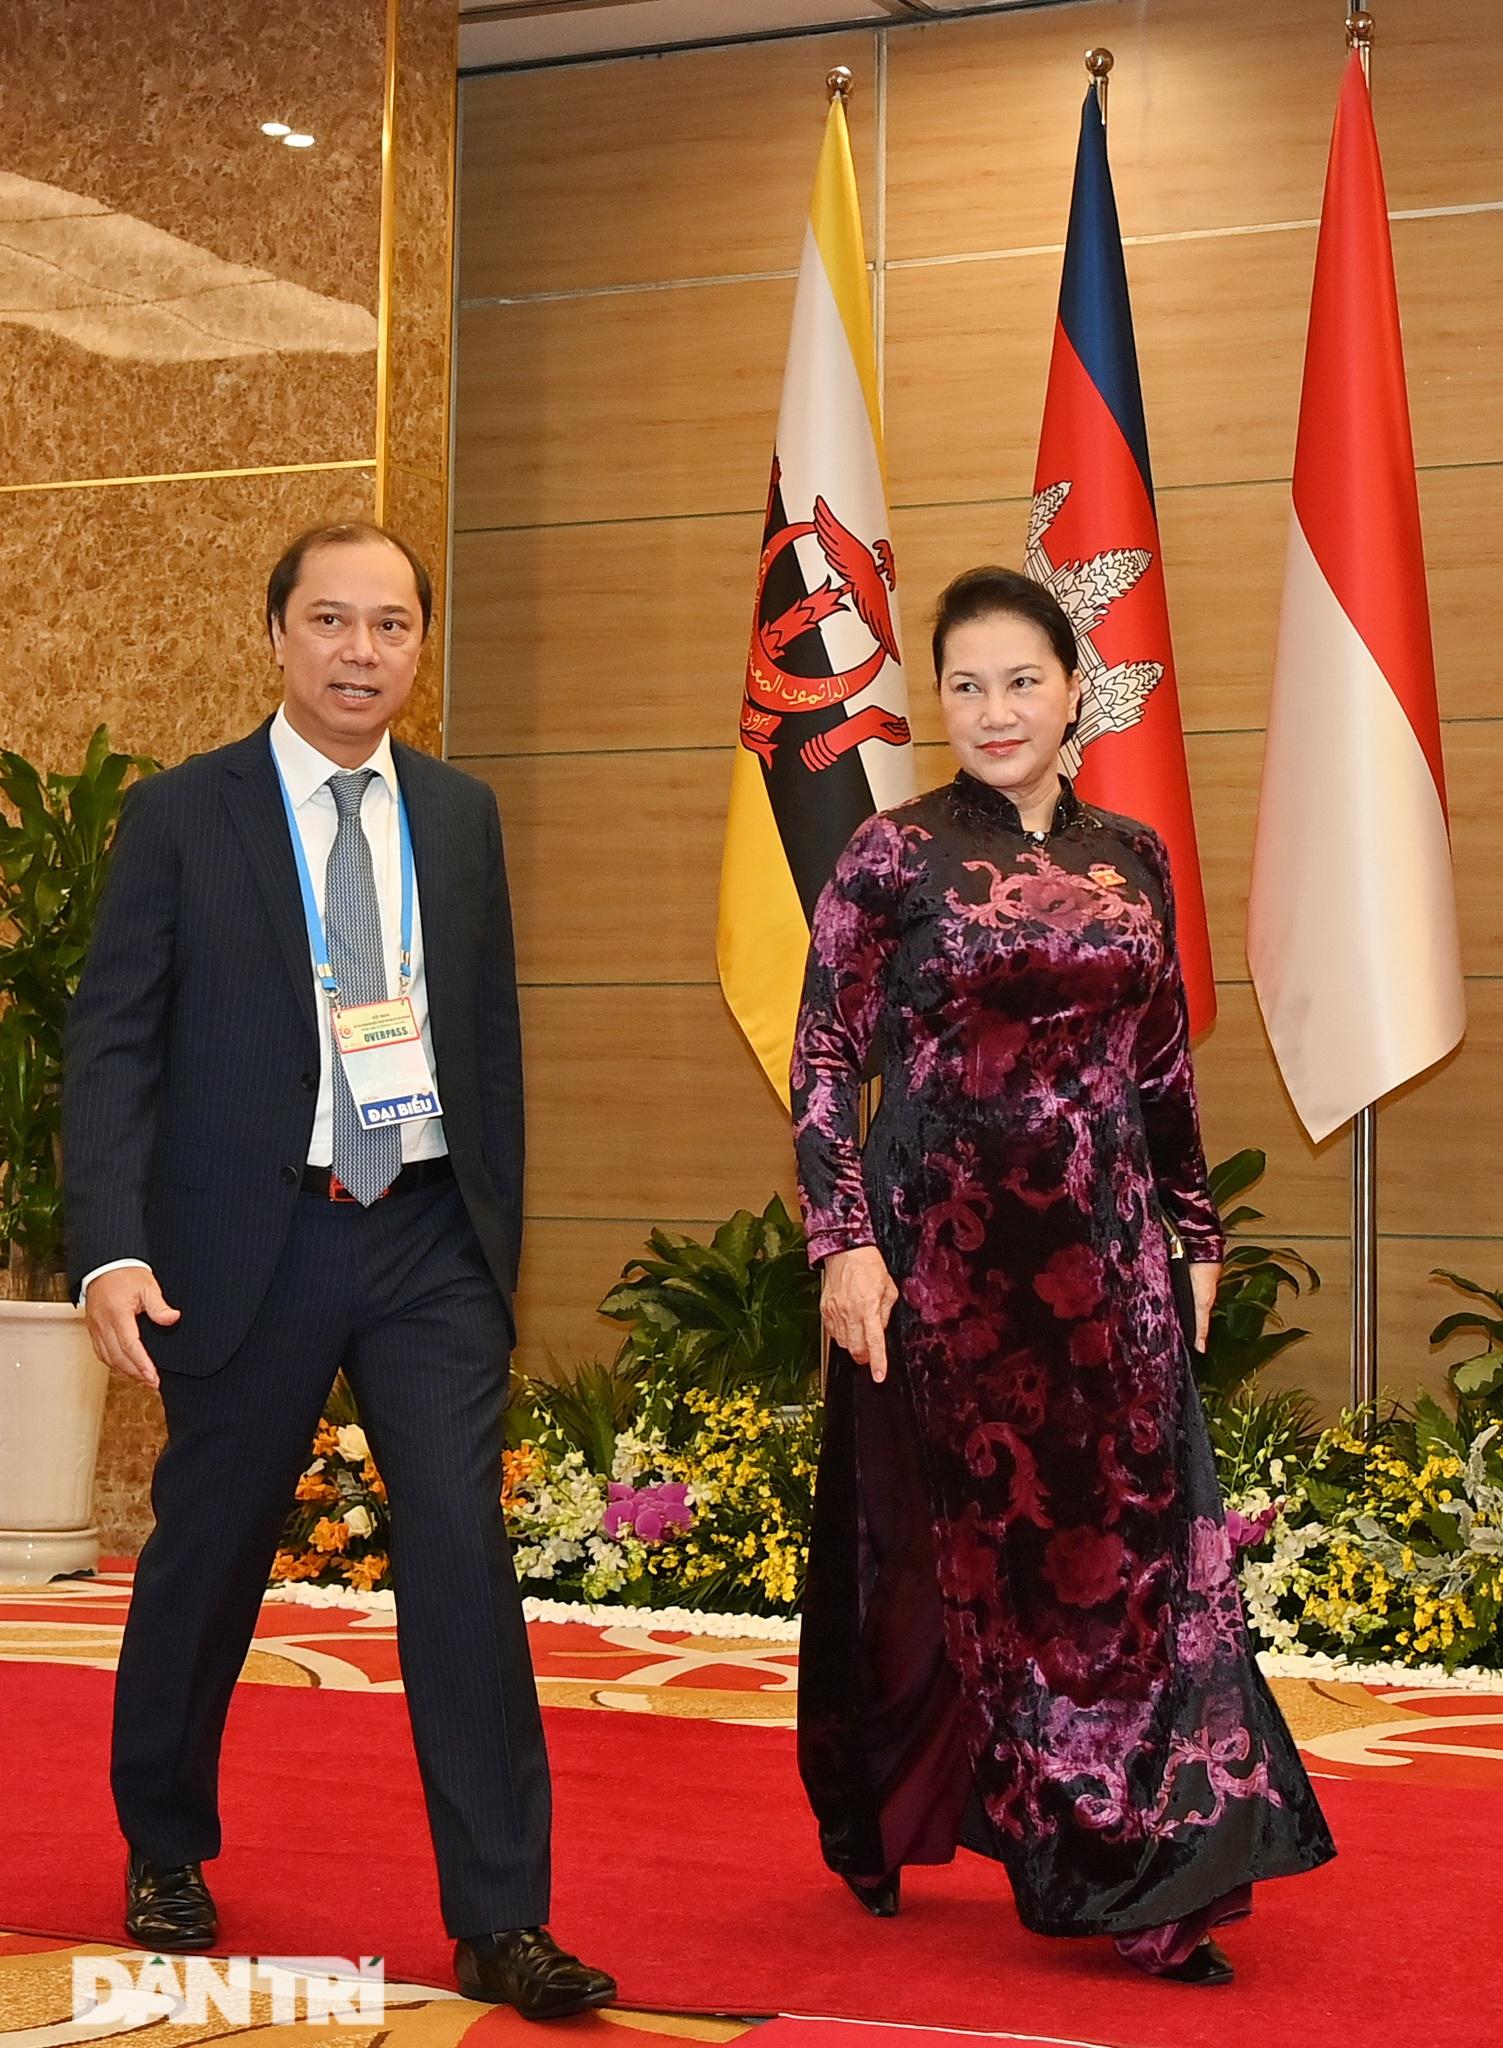 Lãnh đạo Đảng, Nhà nước dự khai mạc Hội nghị cấp cao ASEAN - 4